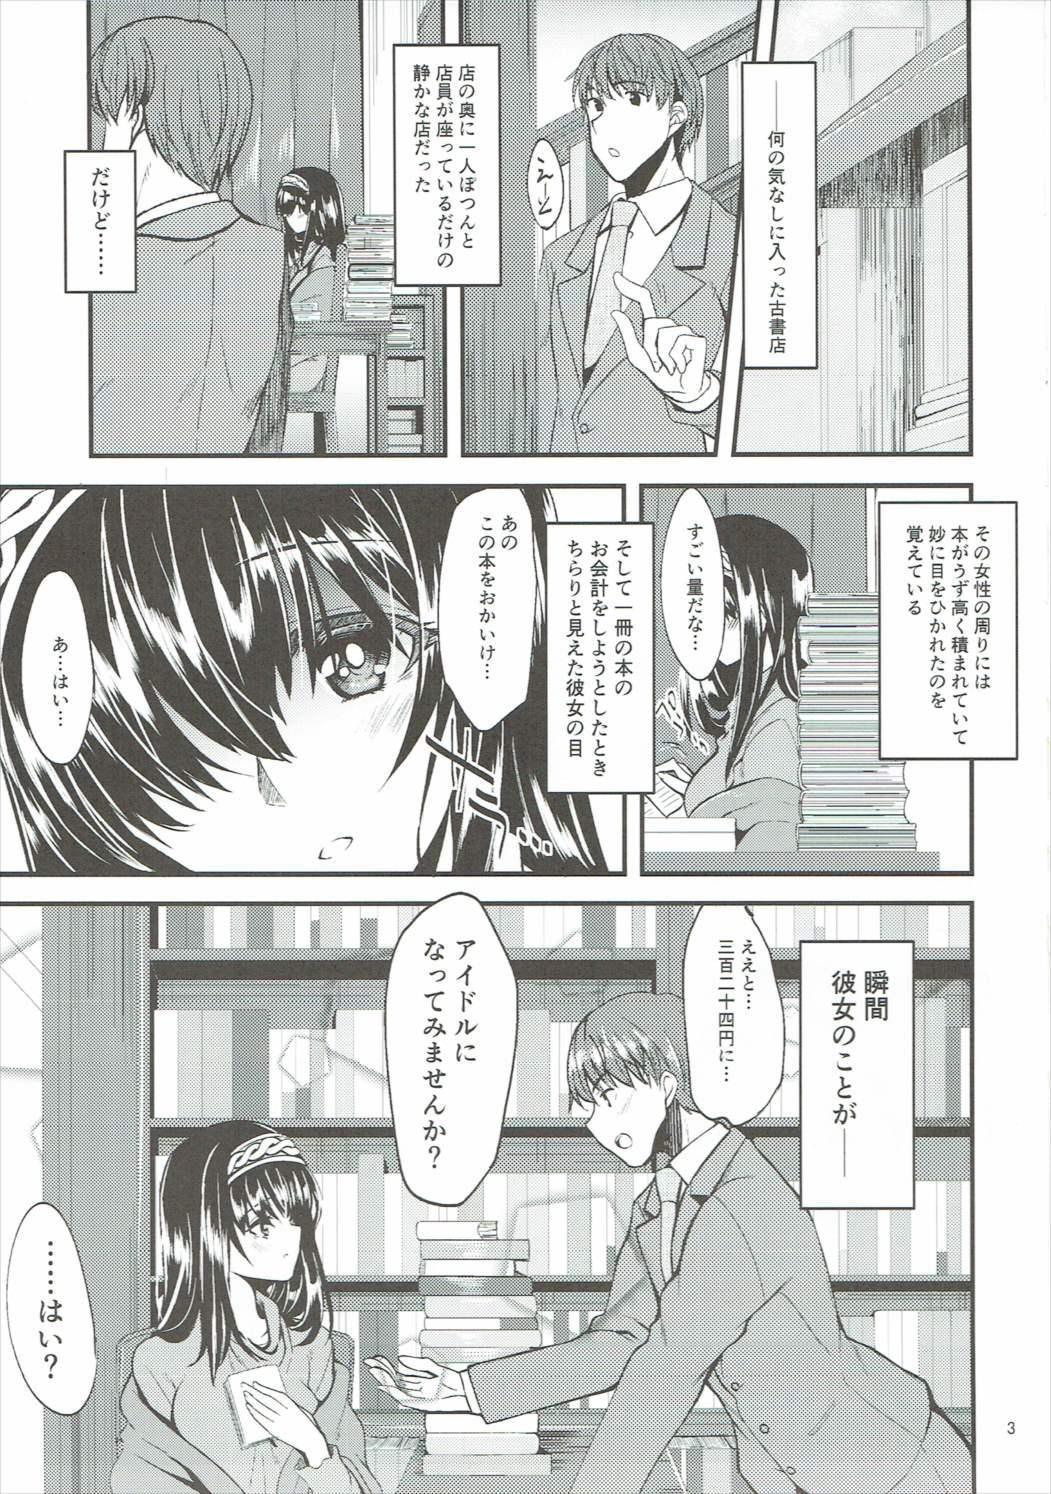 Kagehinata ni Saku, Yukiwari no Hana 1